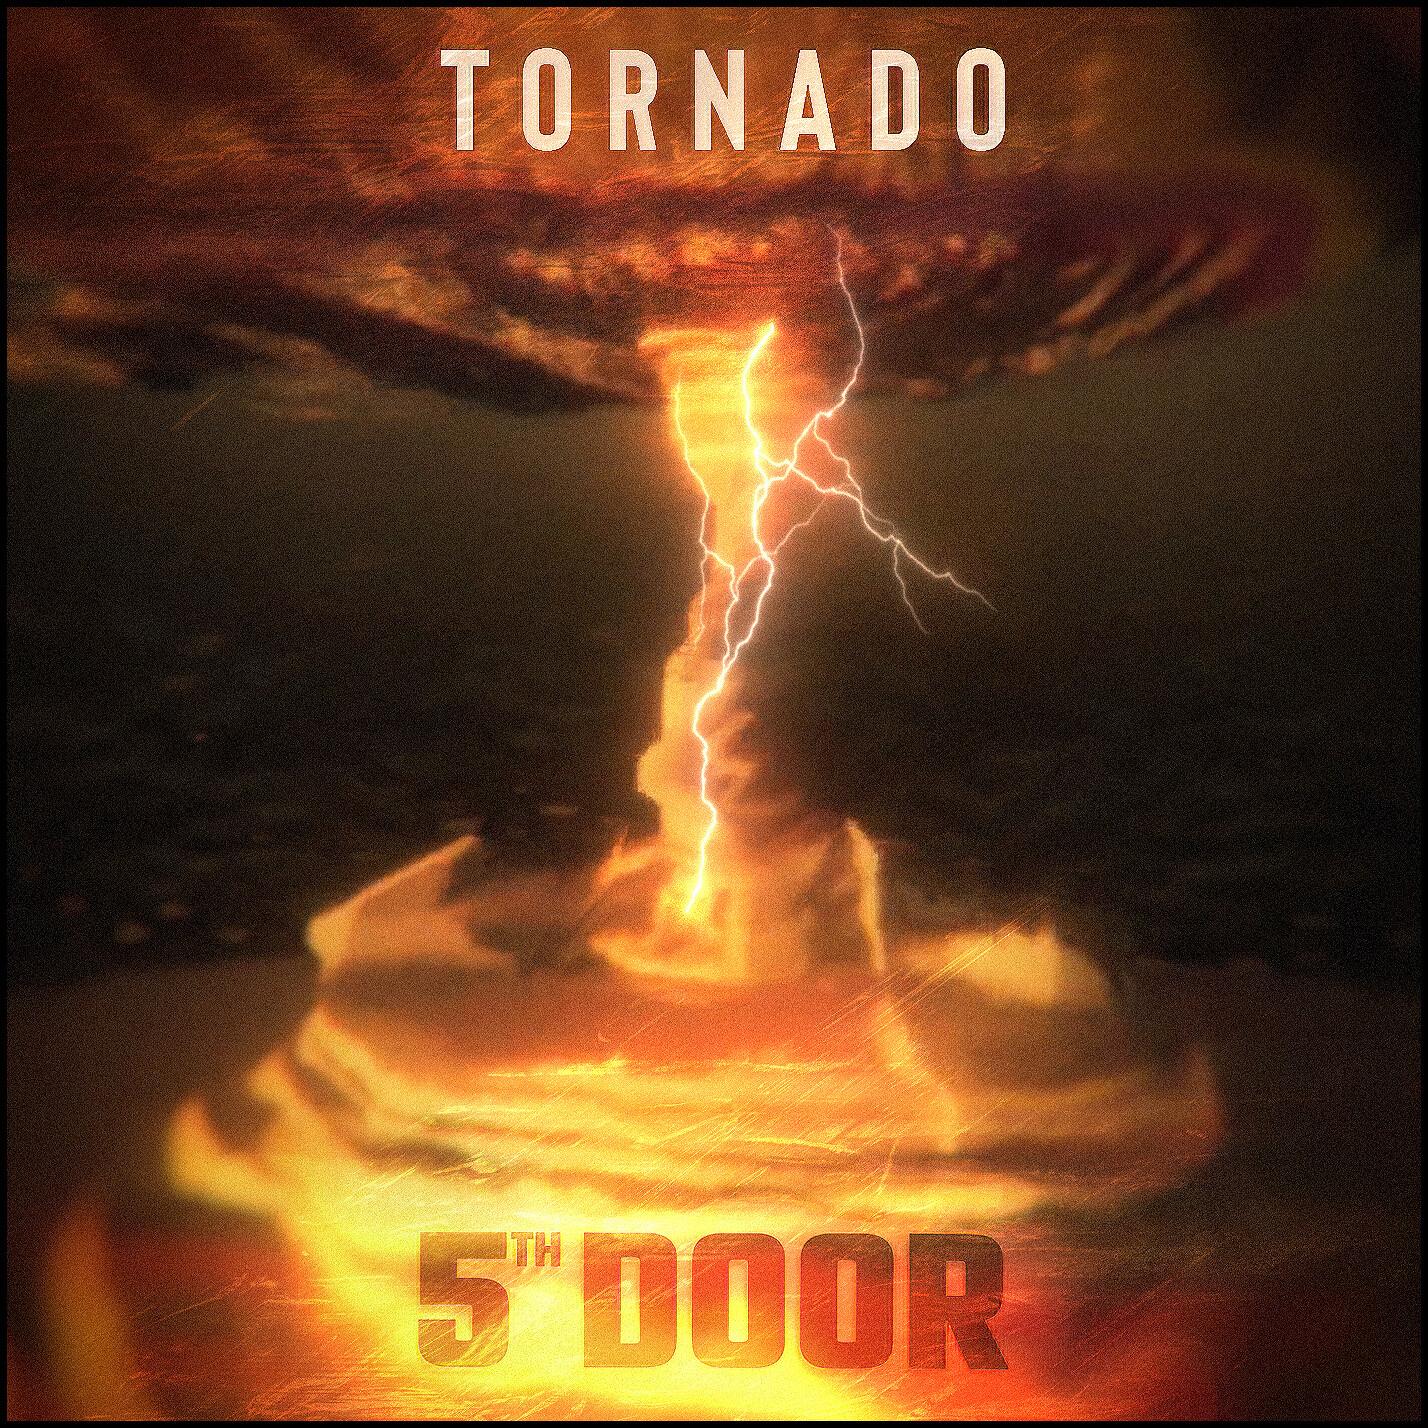 https://pixelgem.art/blog/mKj3/tornado